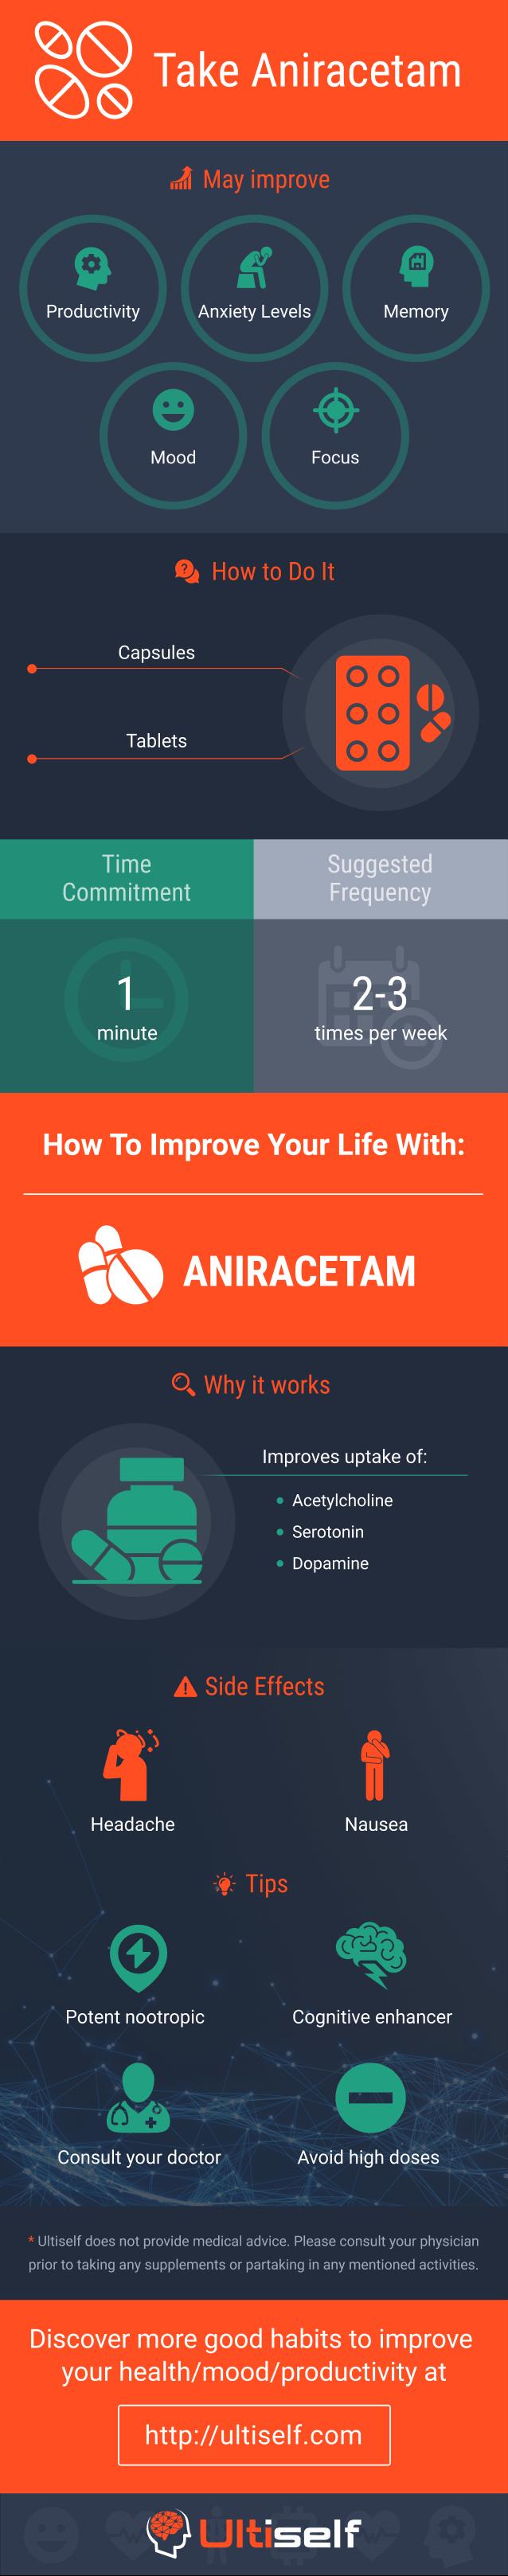 Take Aniracetam infographic